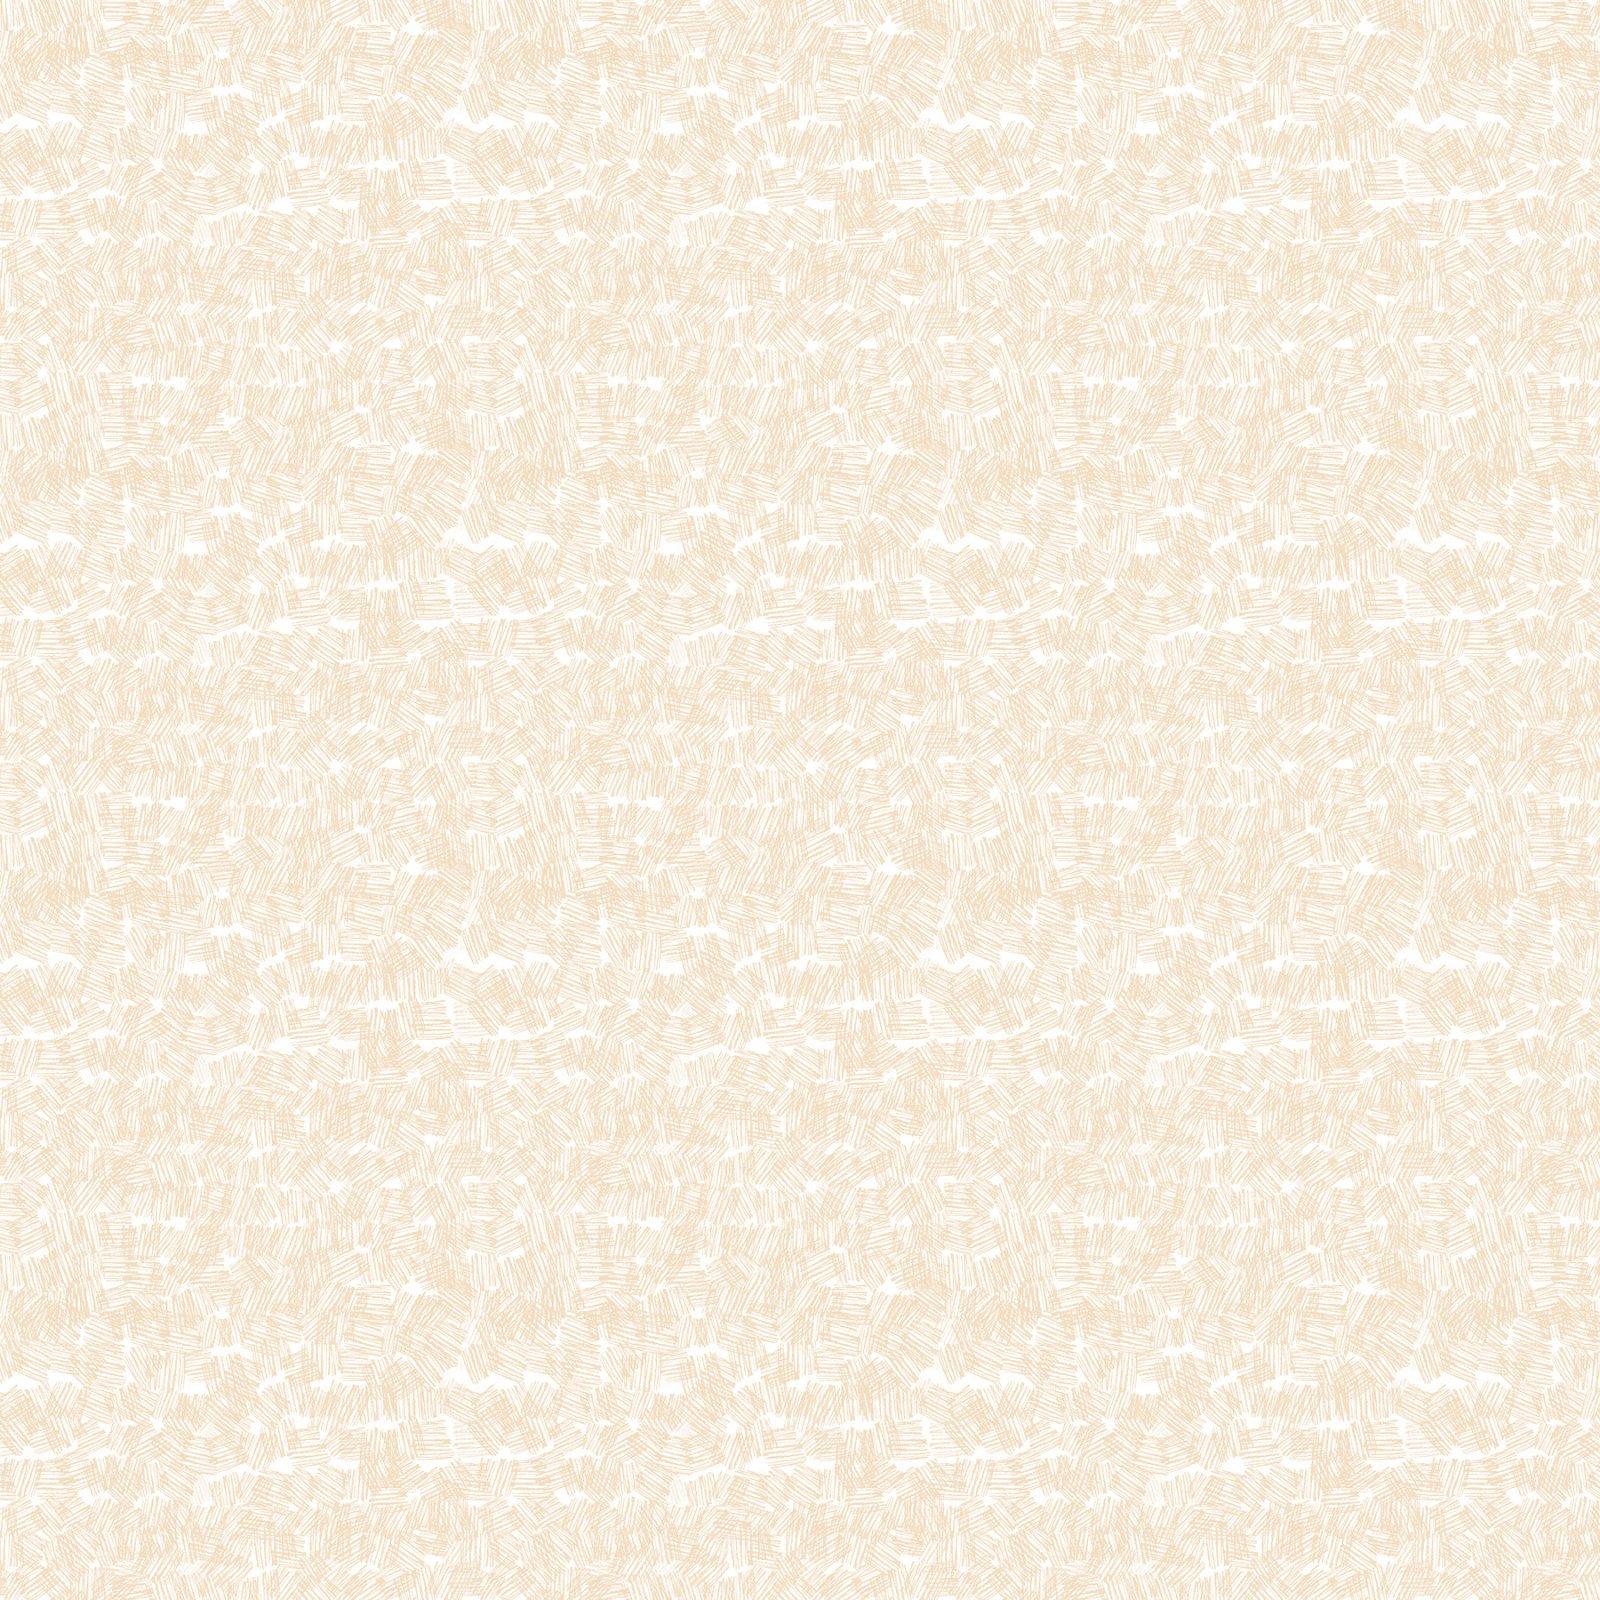 Figo Fabrics - Ghazal Razari - Serenity - Texture Beige